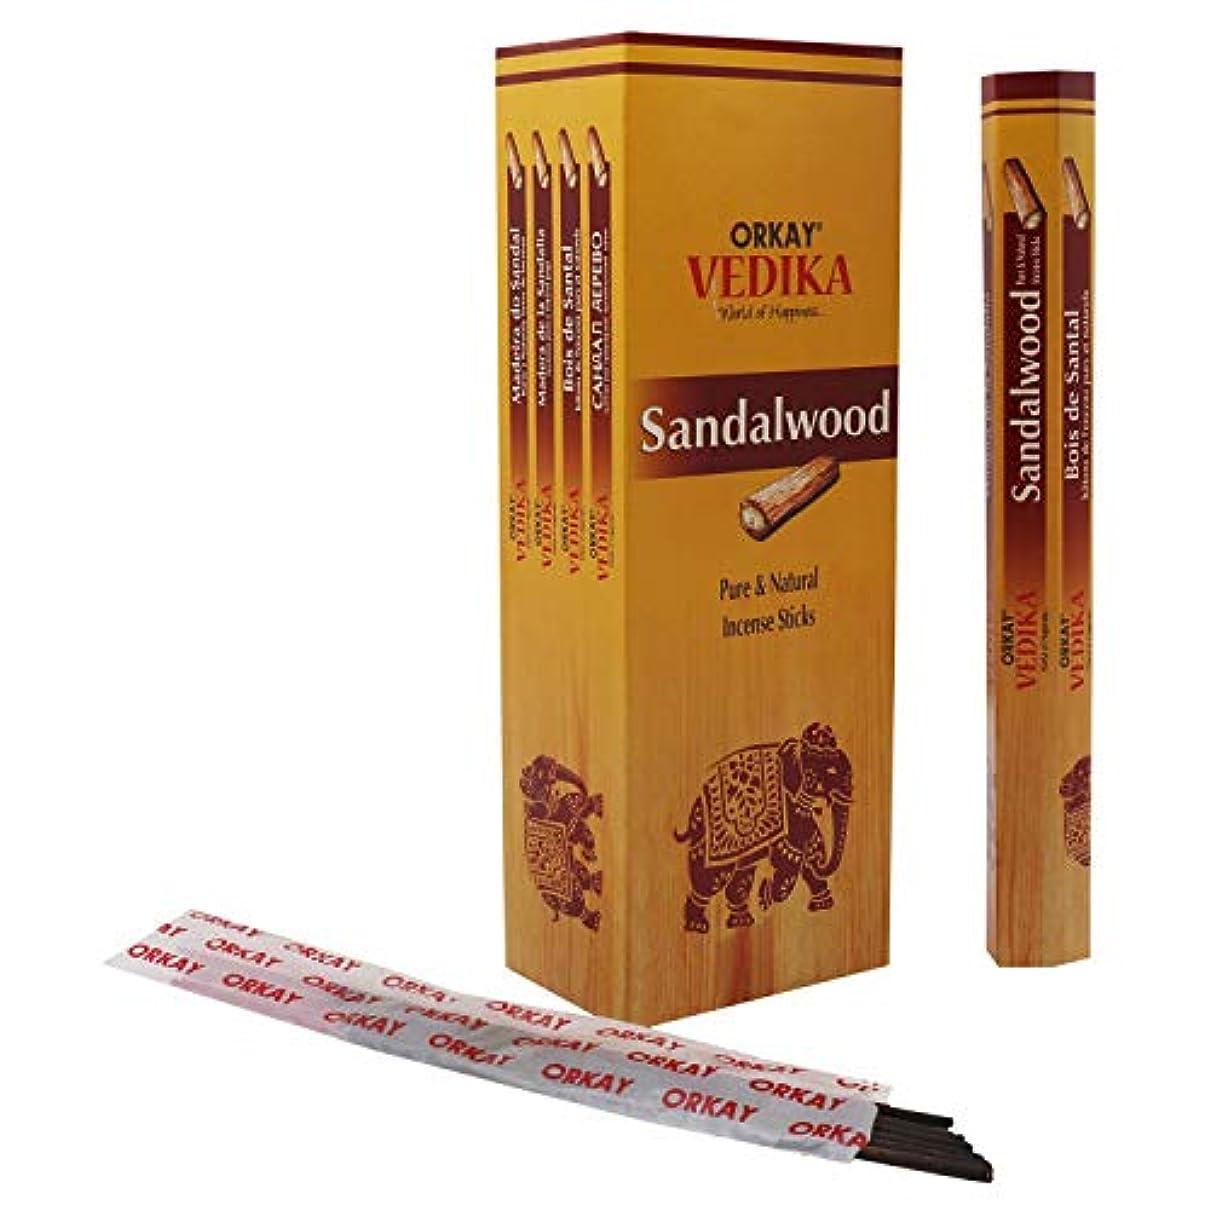 アーサーコナンドイルアラブフェロー諸島Orkay Vedika Sandalwood 6 pkt of 20 gm Each (Contains 96 Incense Sticks/Natural Agarbatti)